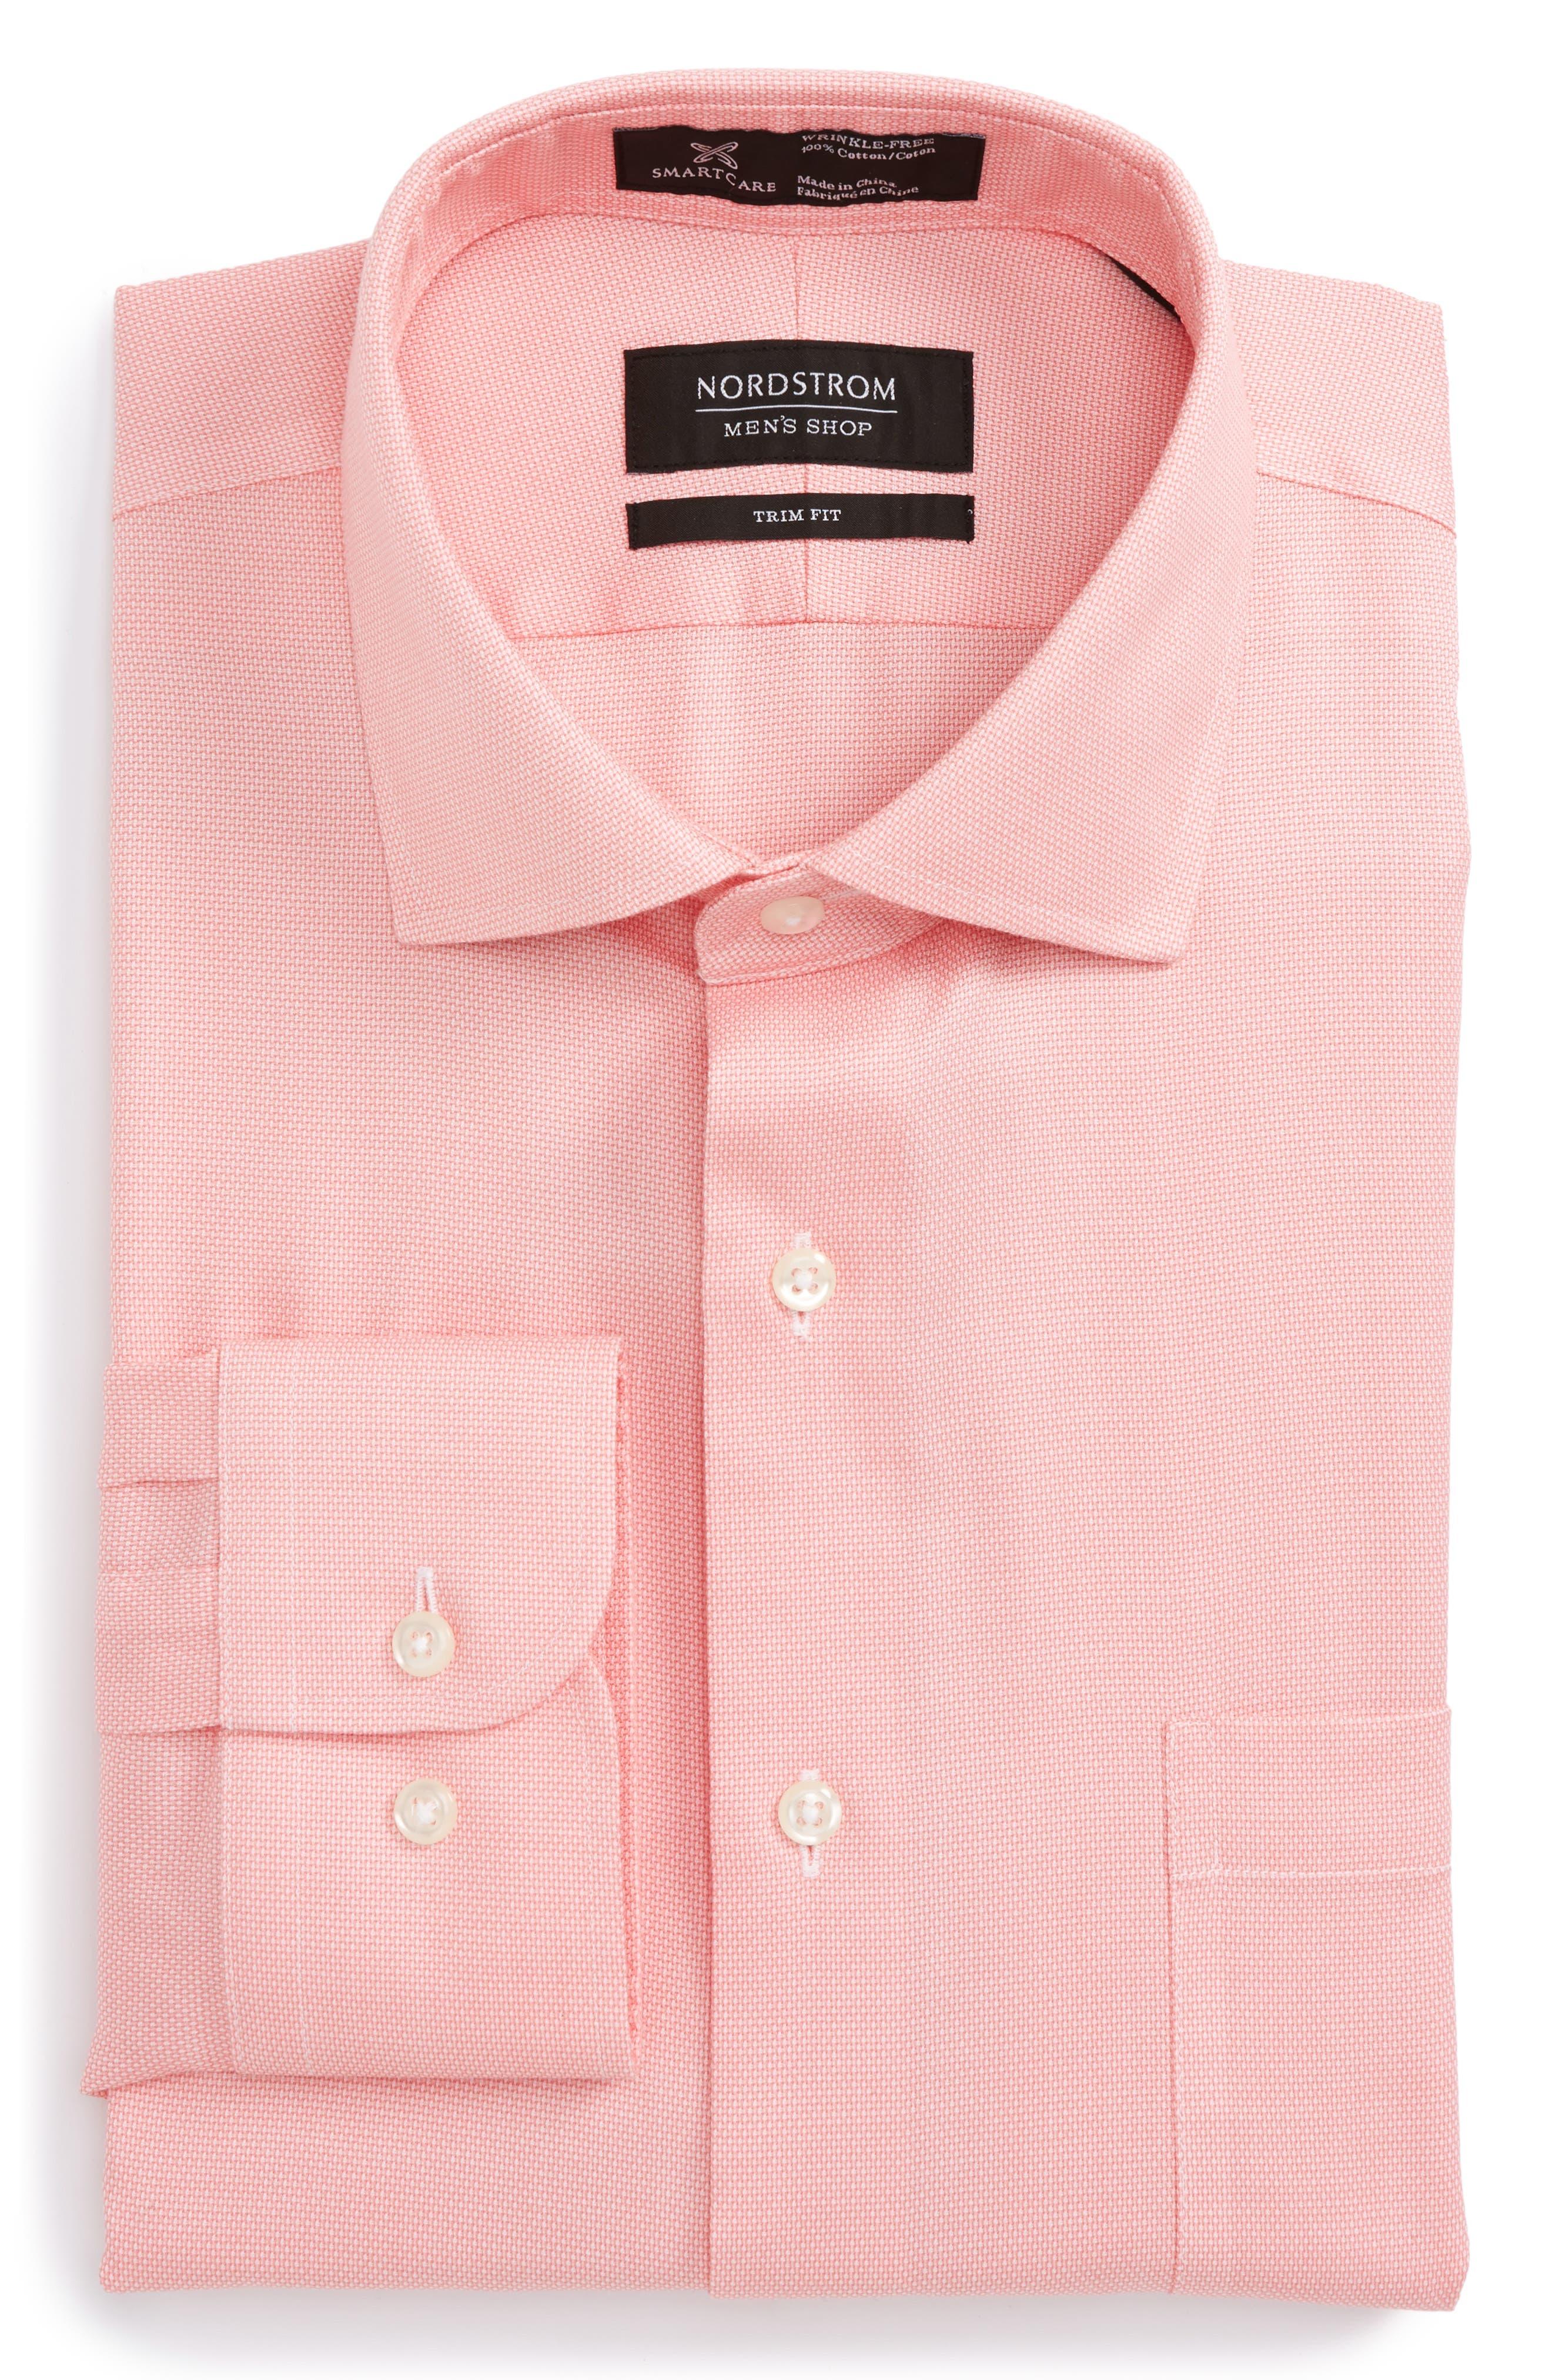 Alternate Image 1 Selected - Nordstrom Men's Shop Smartcare™ Trim Fit Oxford Dress Shirt